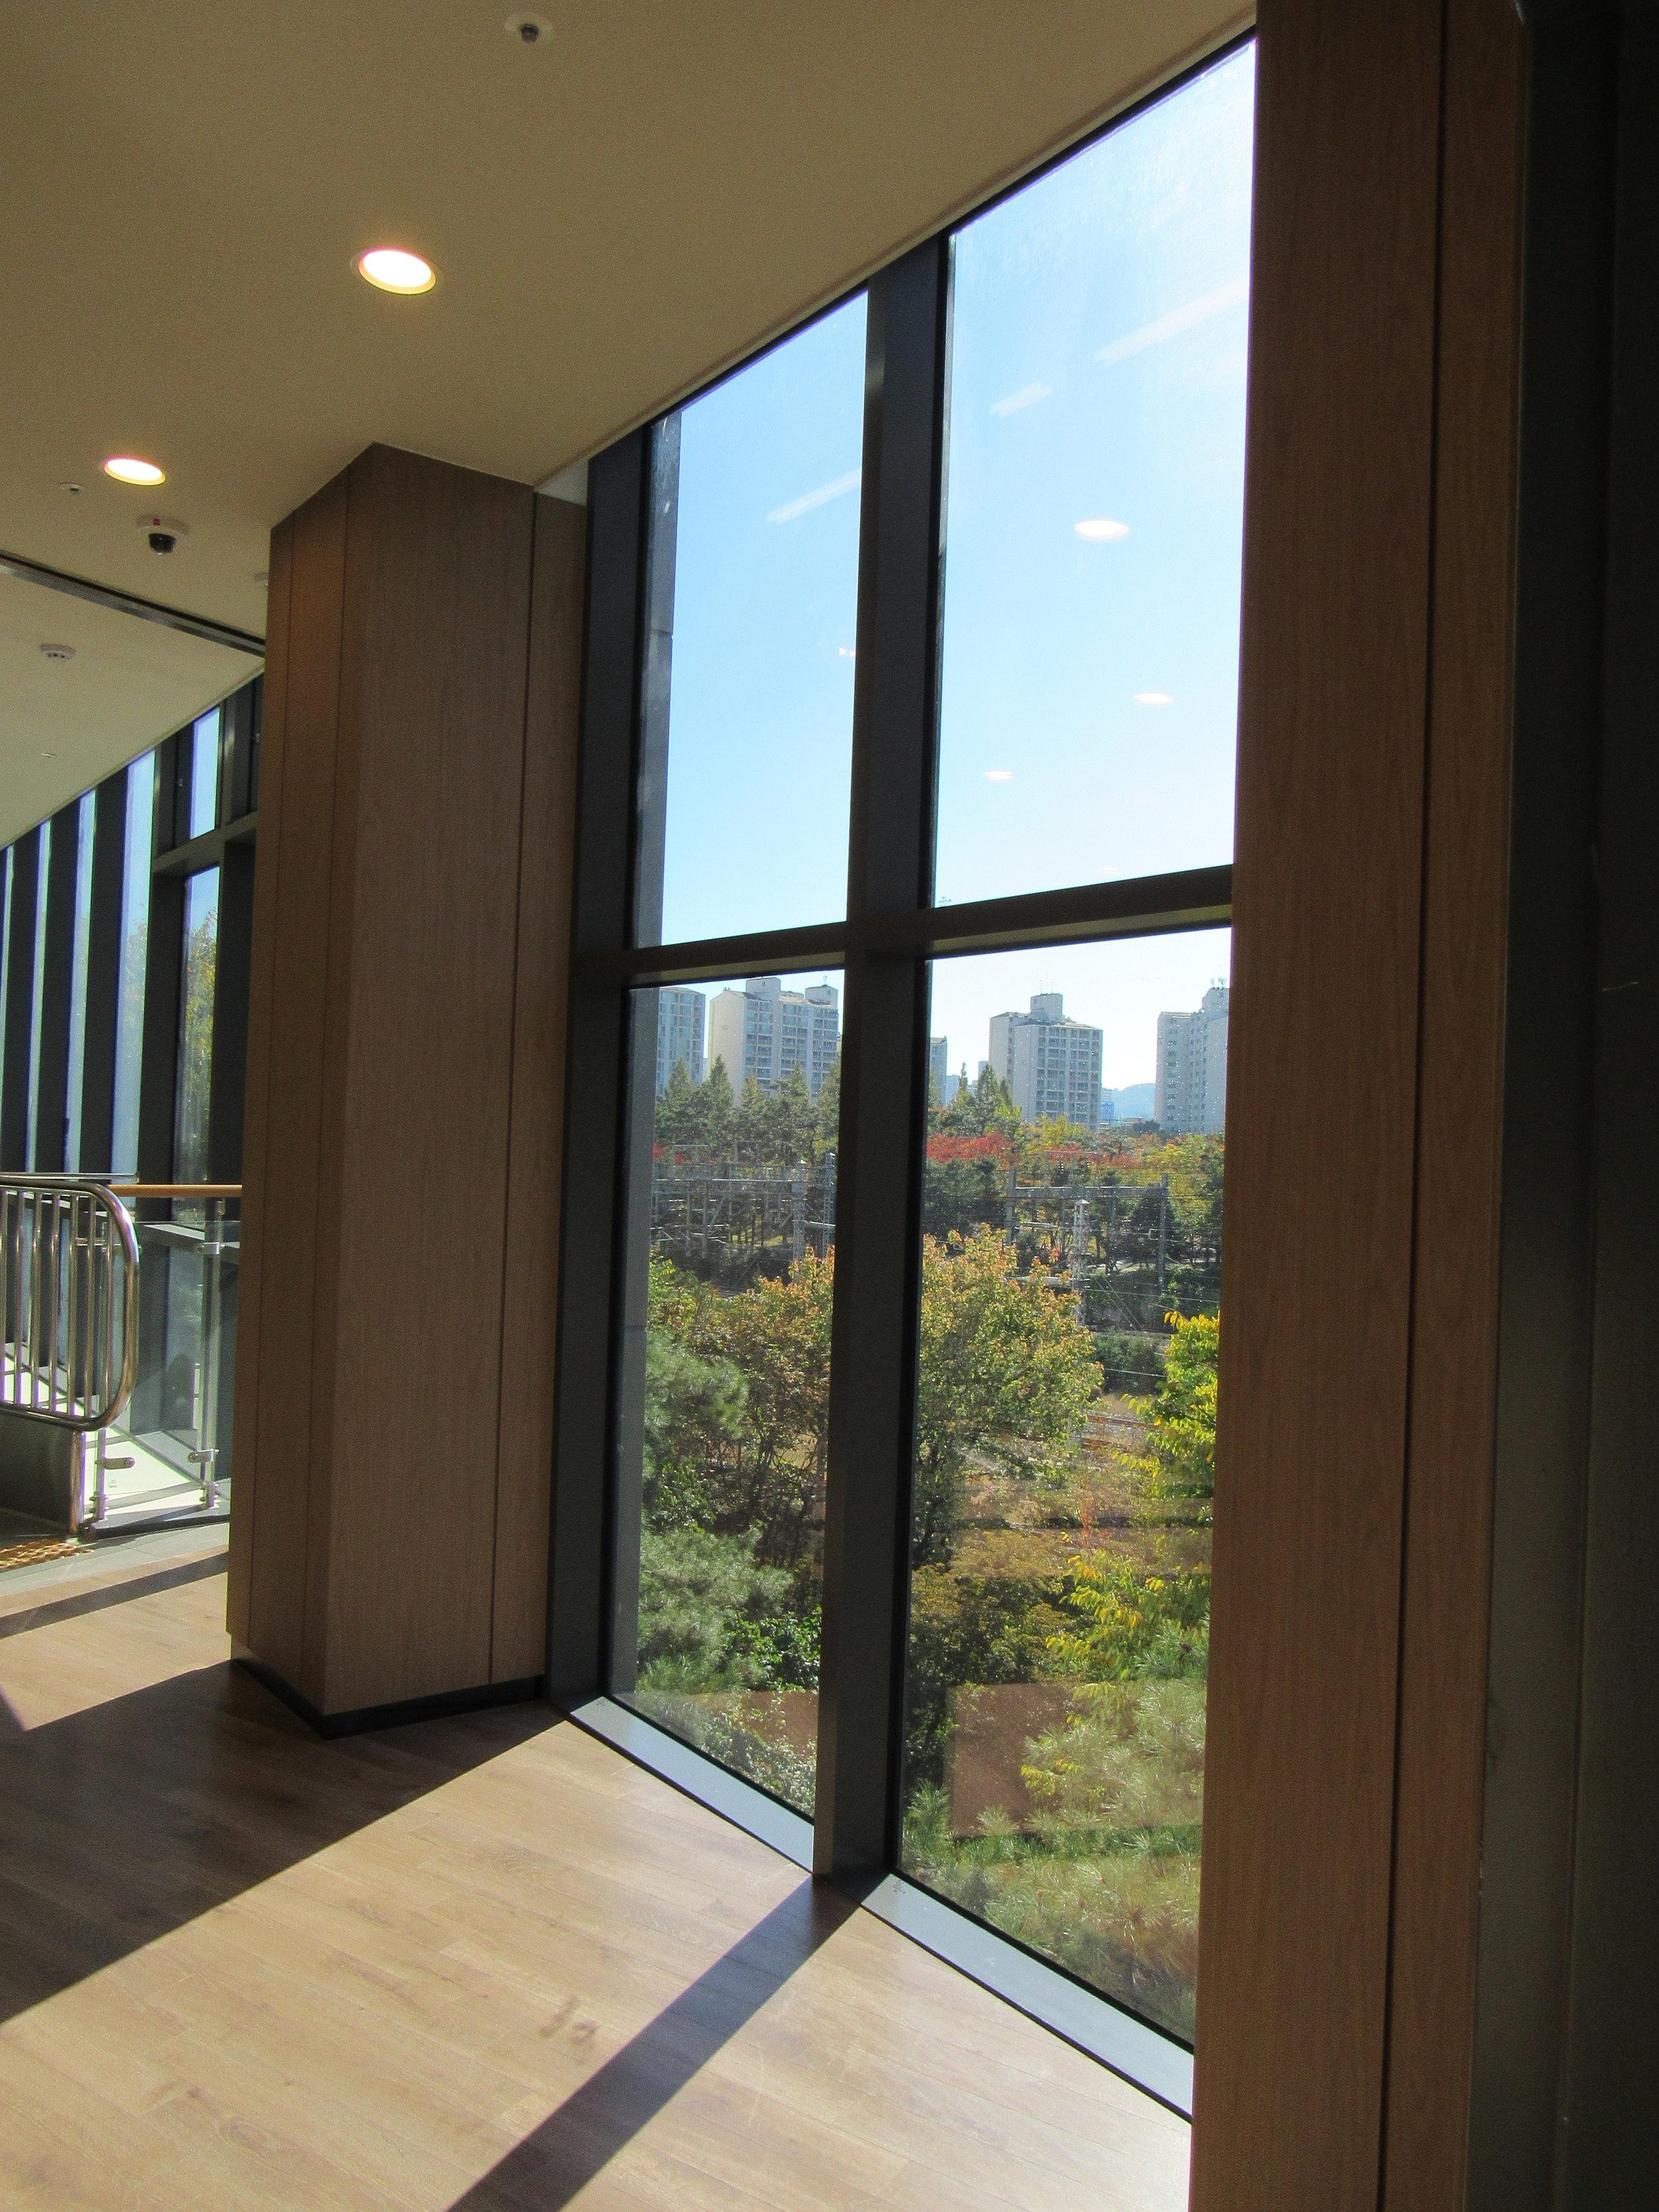 View from Meeting Room Area © Flyga Twiga LLC